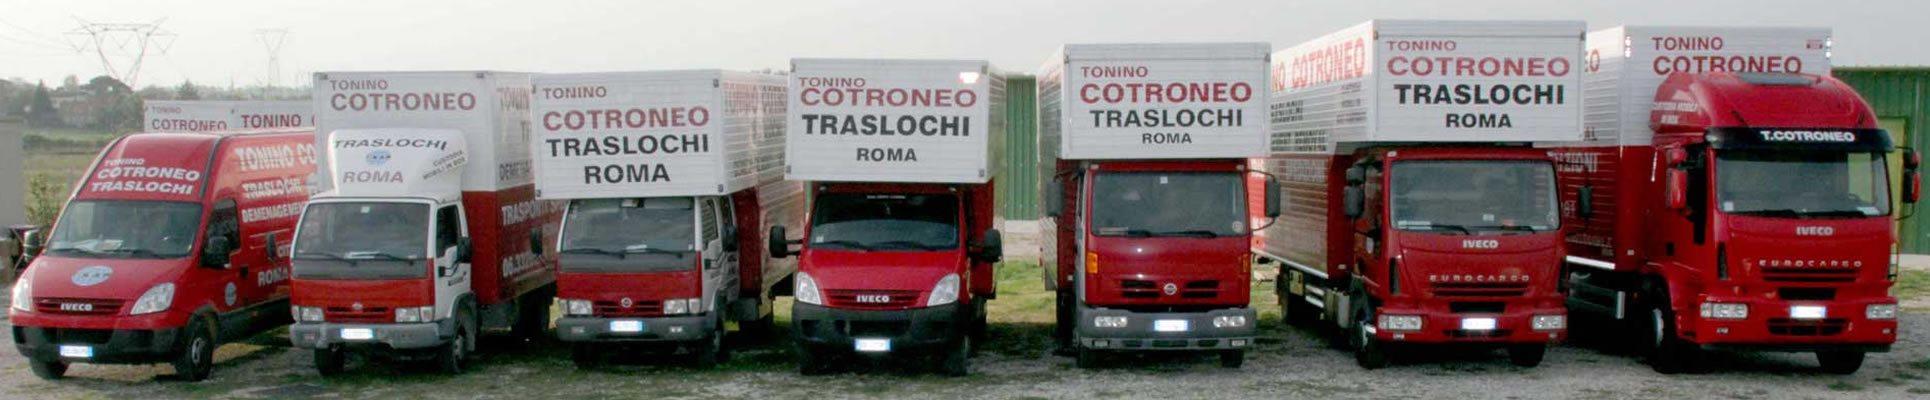 Mezzi di trasporto per Traslochi